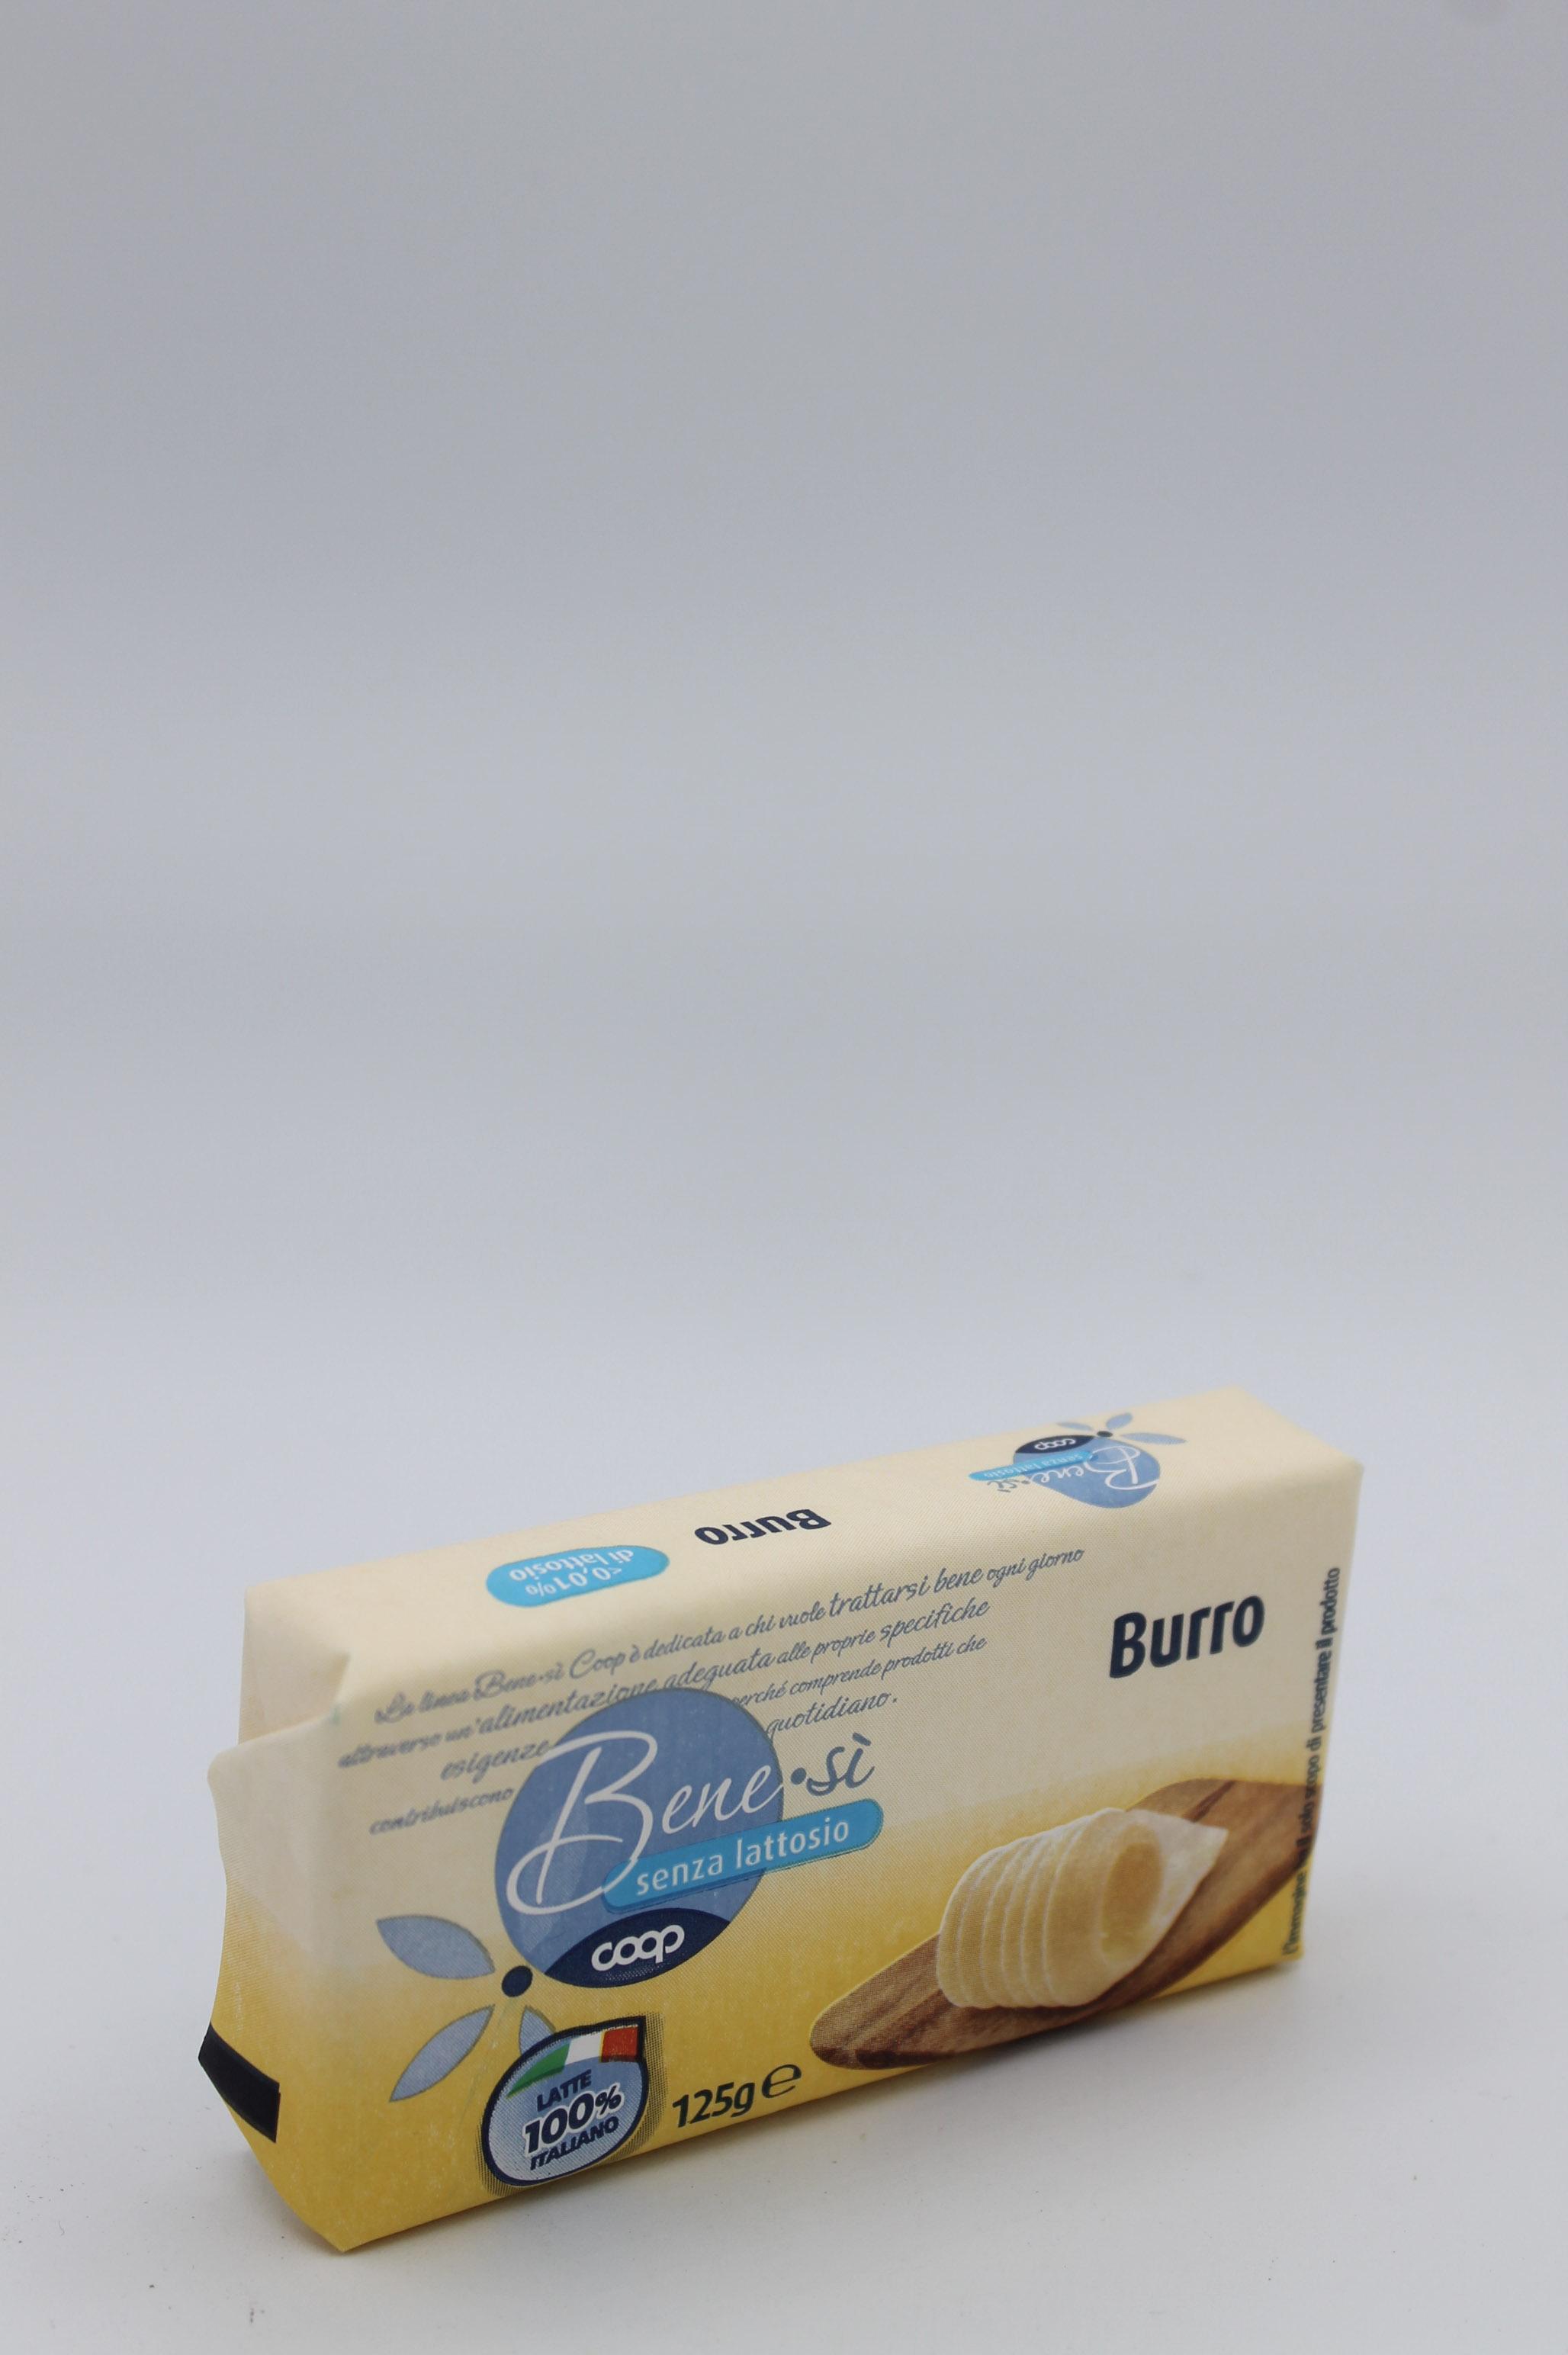 Coop benesì burro senza lattosio 125gr.